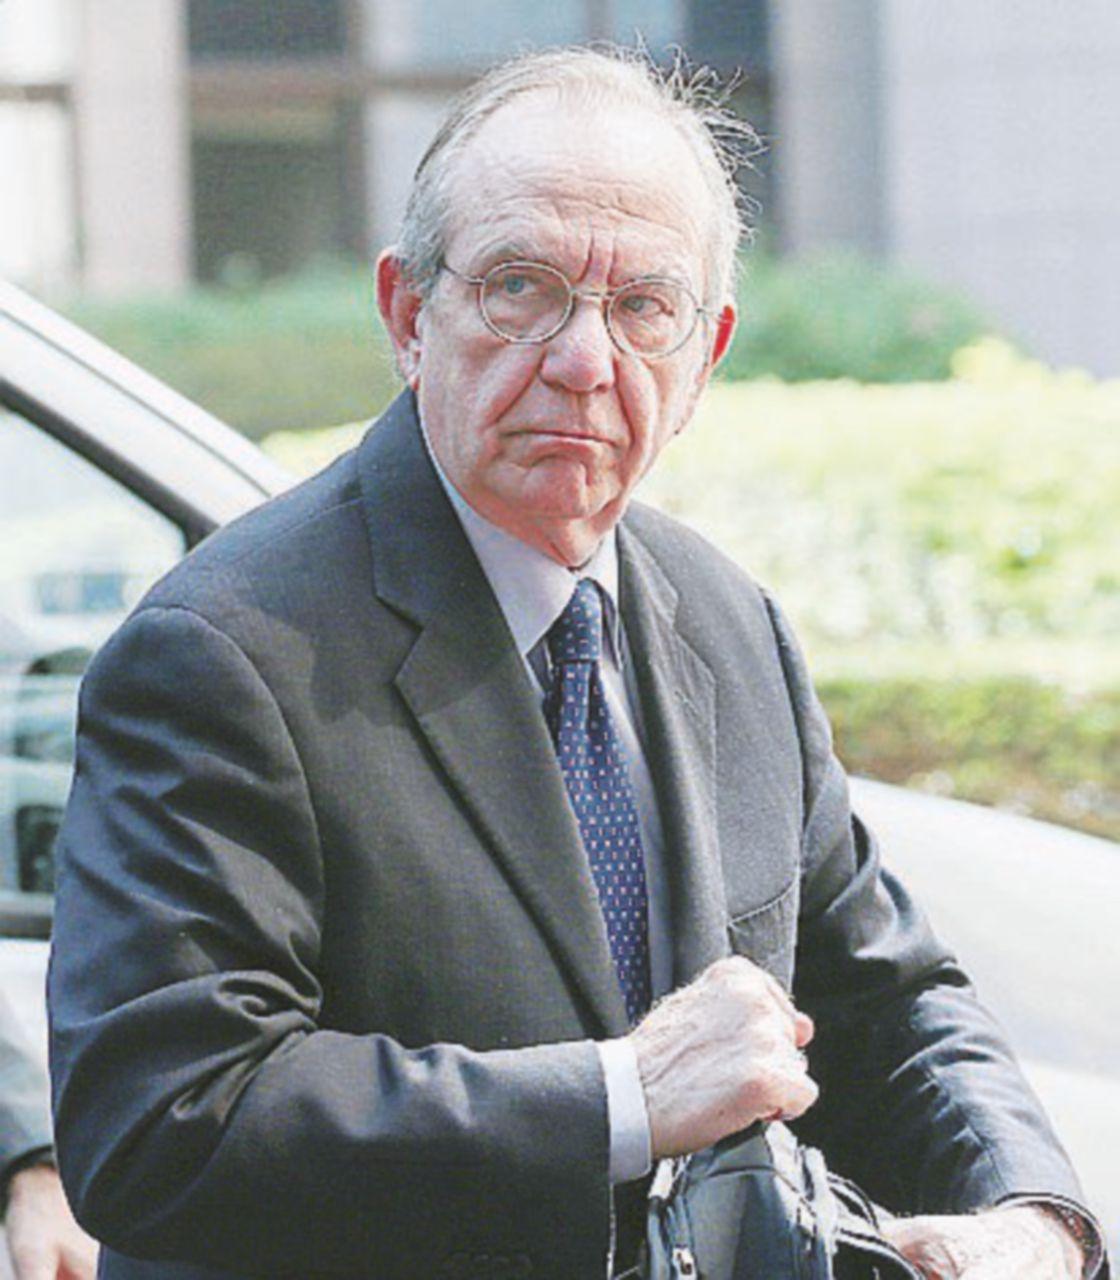 Il debito non cala, Padoan chiede clemenza all'Ue